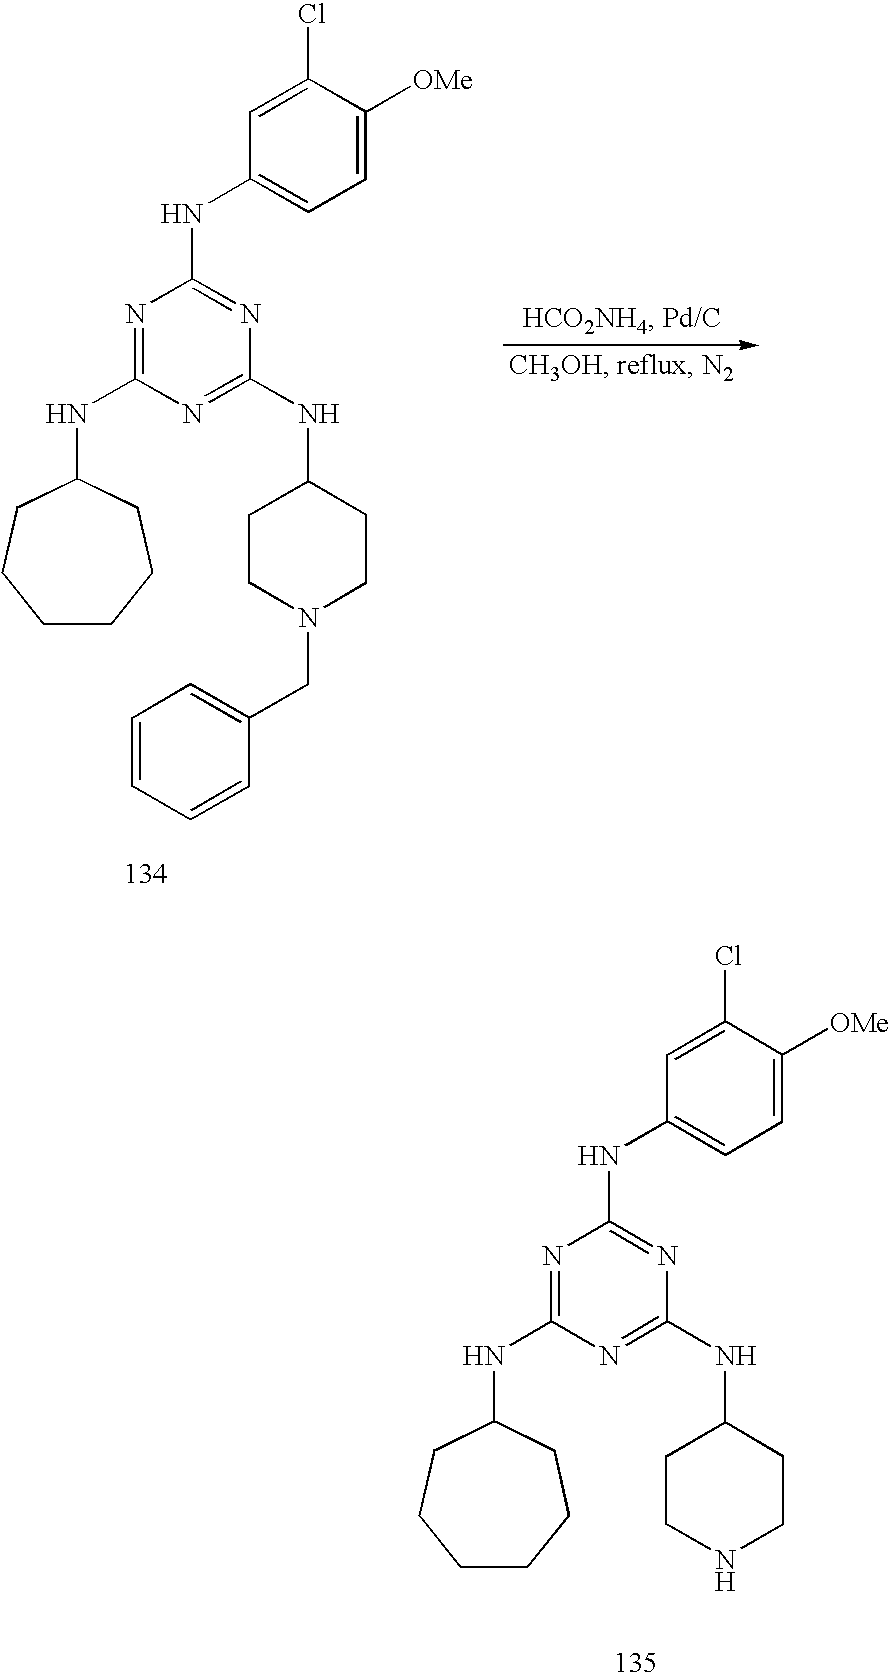 Figure US20050113341A1-20050526-C00160